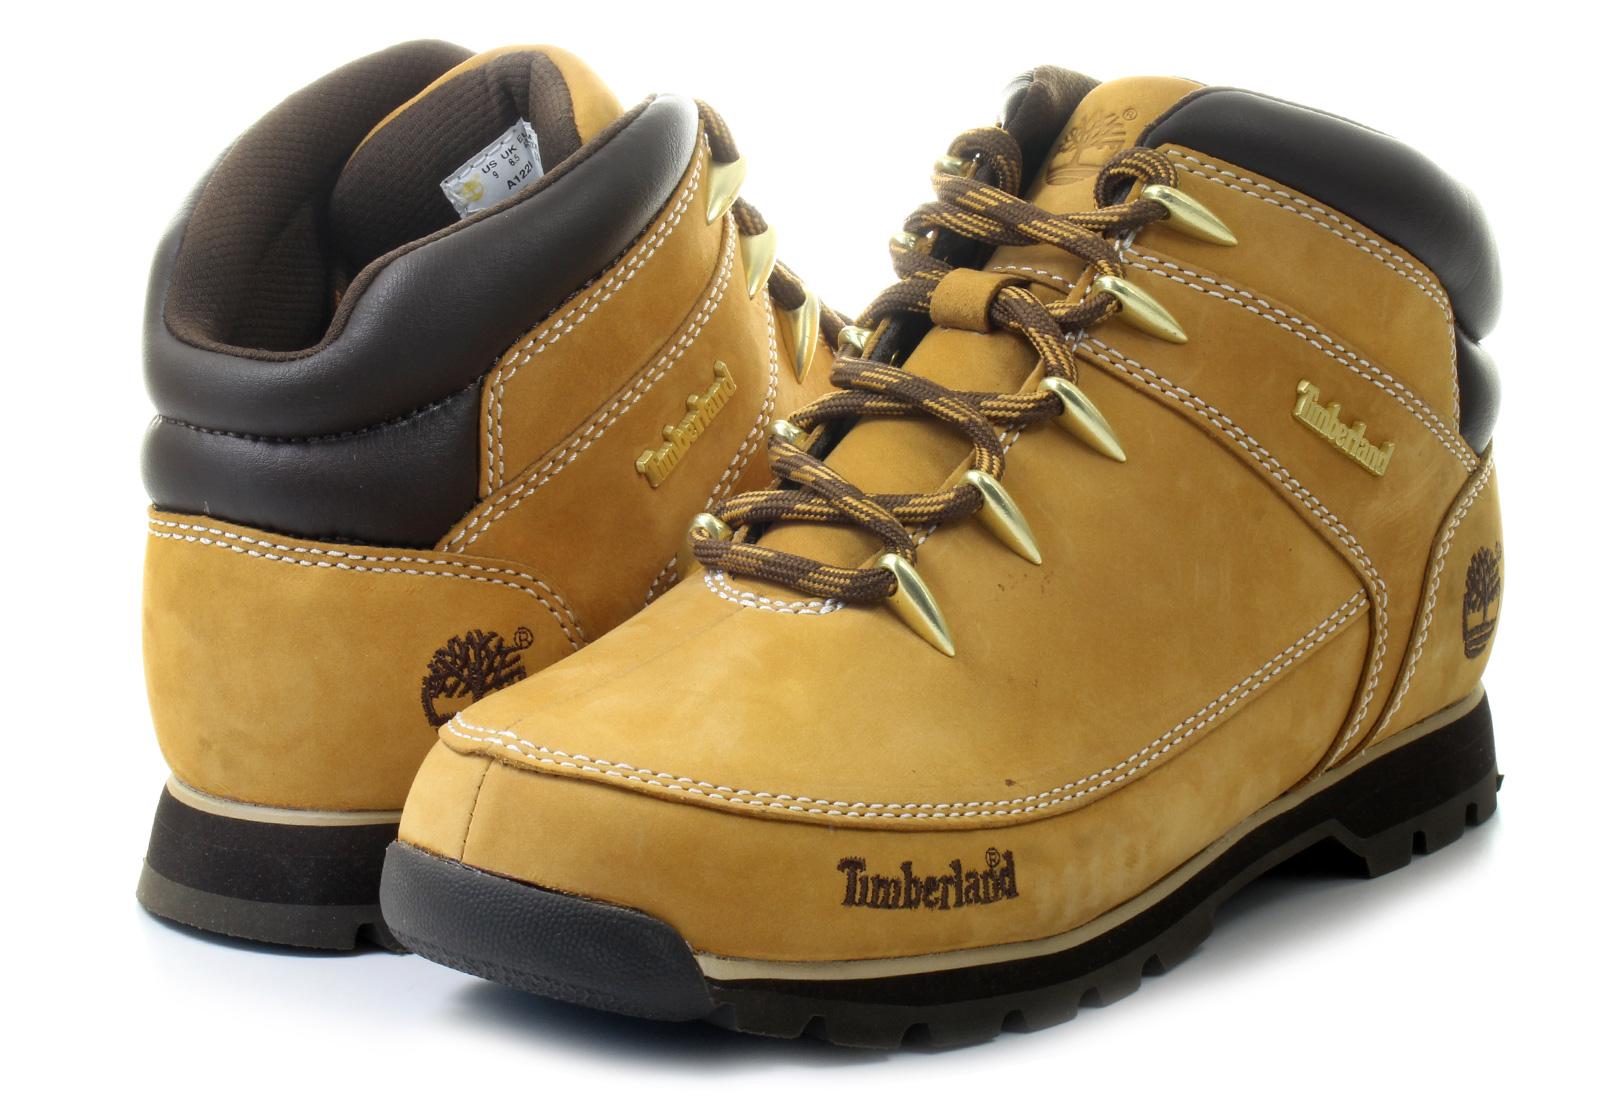 e6203c5b0a778 Timberland Buty Zimowe - Euro Sprint Hiker - a122i-whe - Obuwie i ...